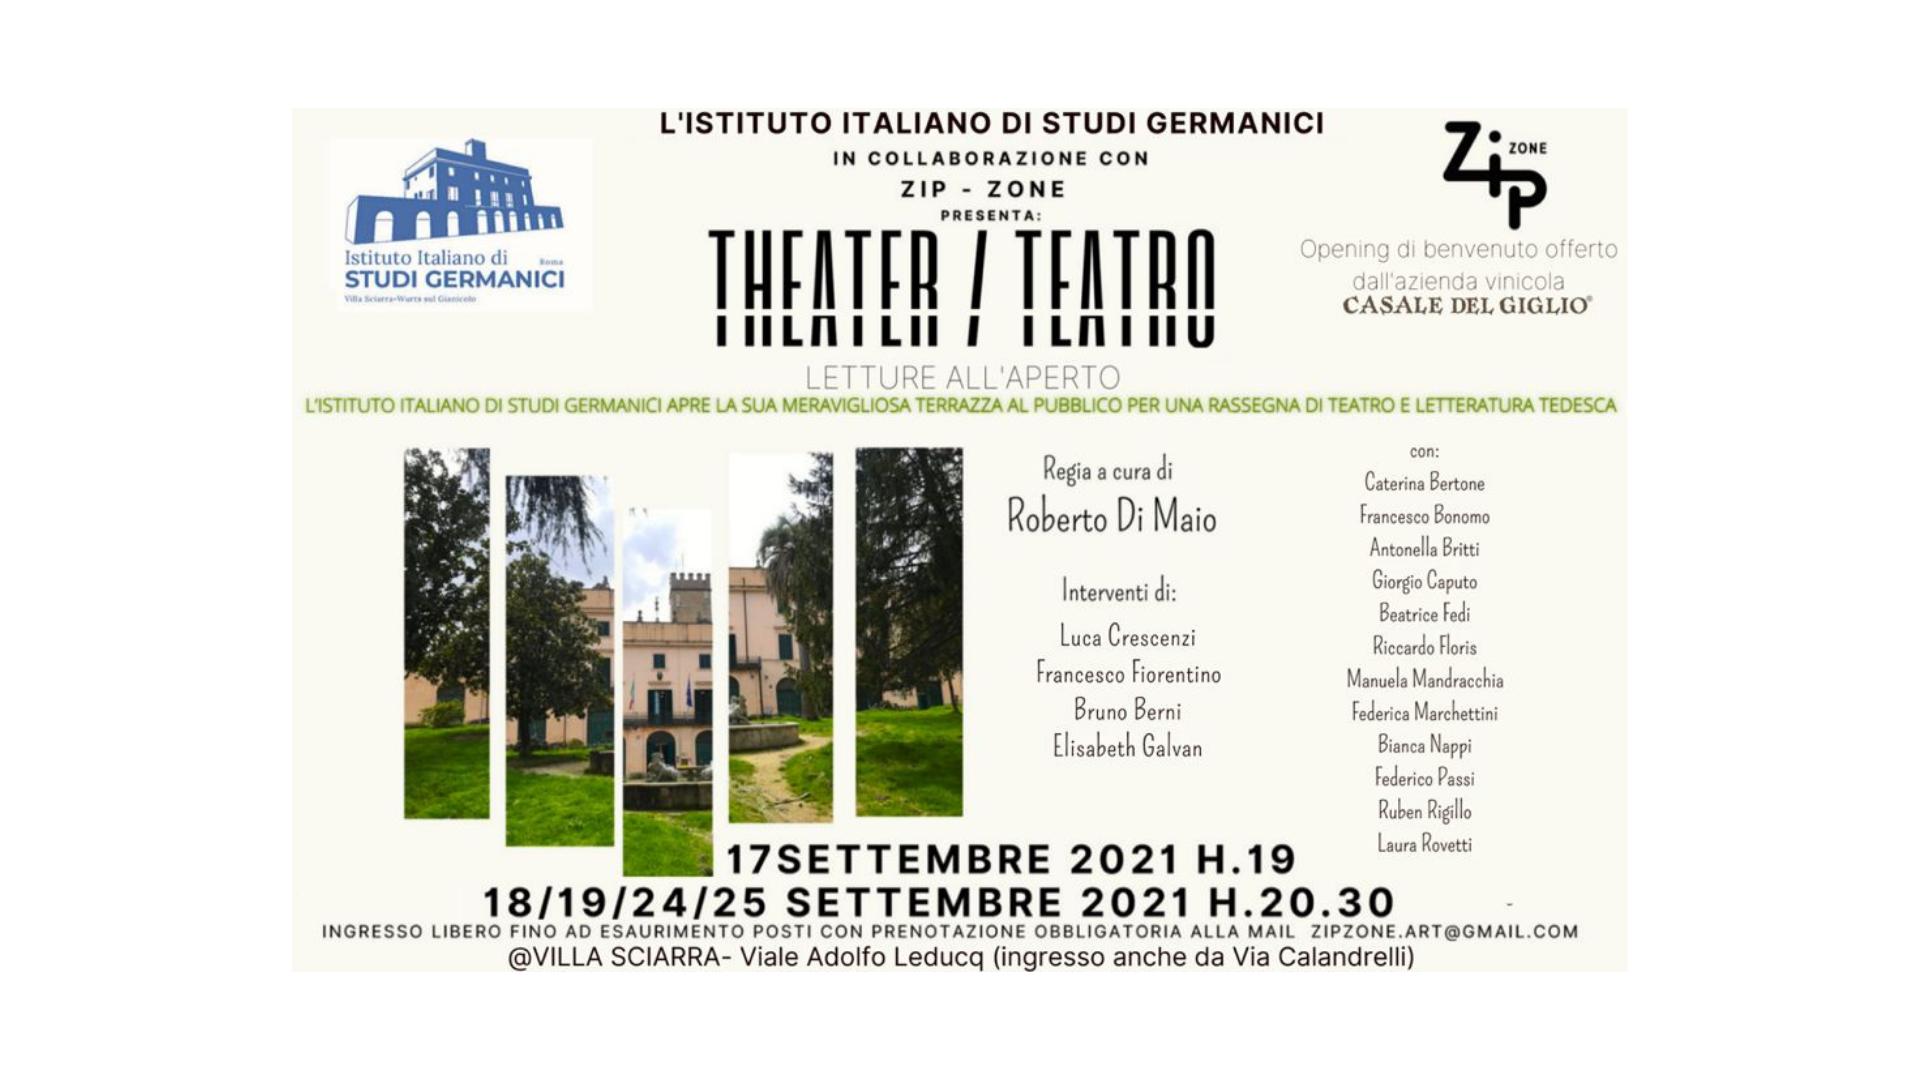 """Istituto Italiano di Studi Germanici con Zip - Zone, """"Theatre/Teatro – Letture all'aperto"""""""